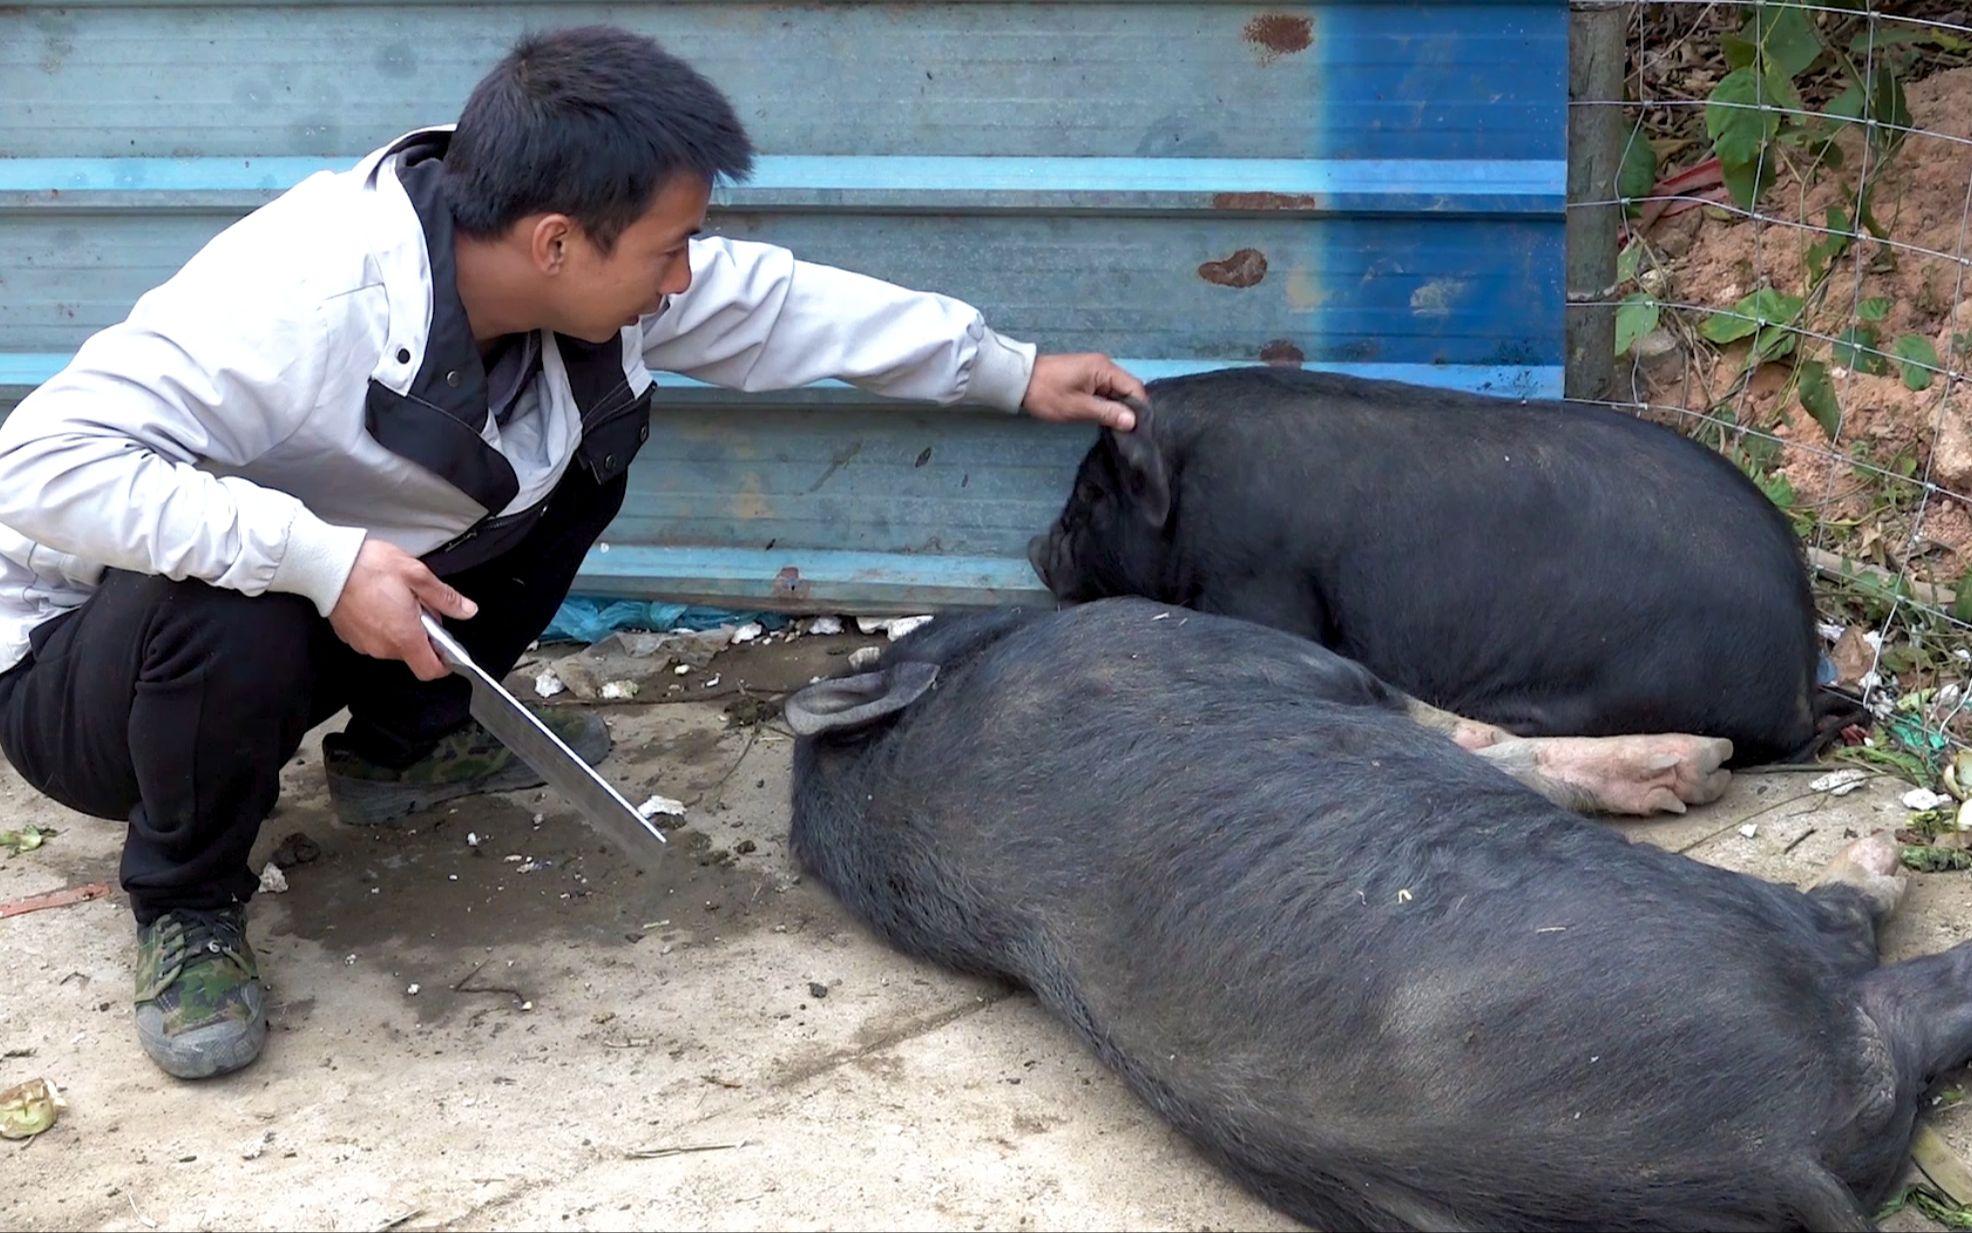 华农兄弟:猪吃酒糟醉了,叫兄弟帮忙一起宰猪,烤起来很香哦